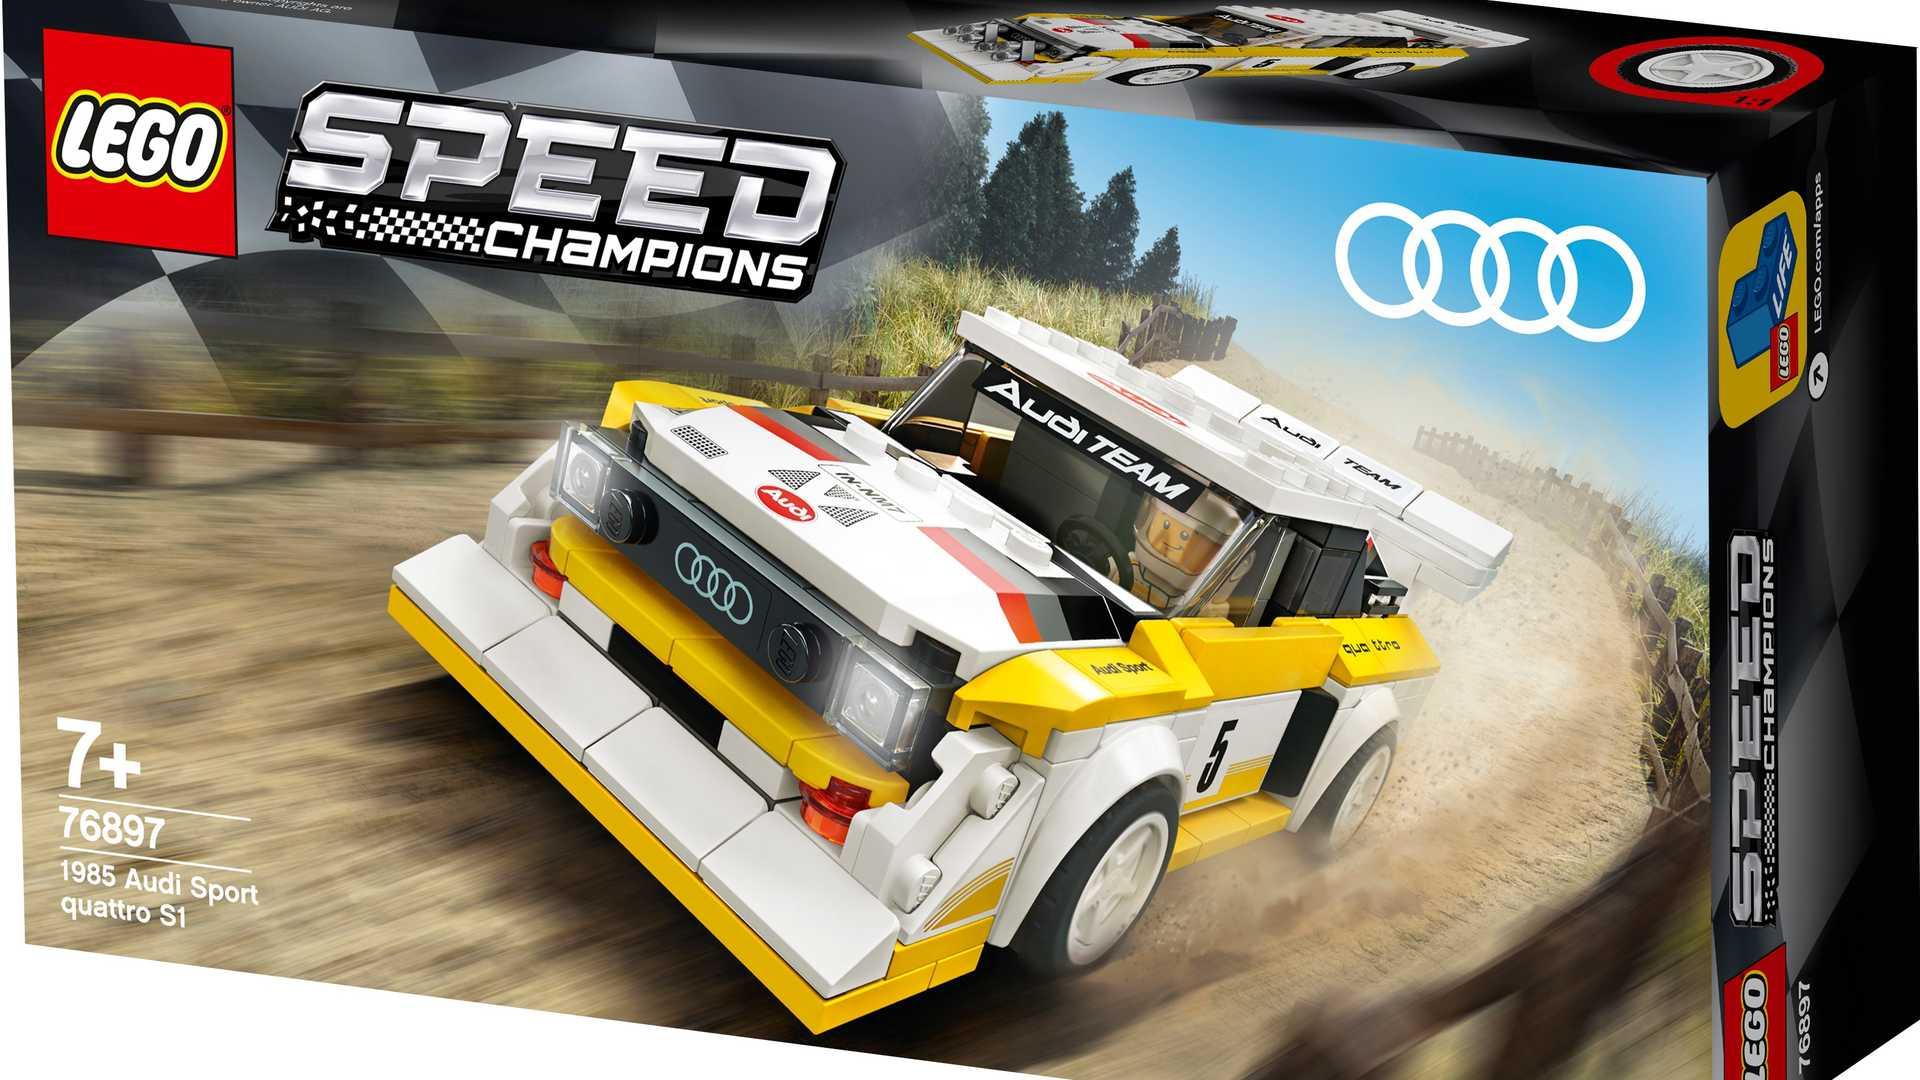 lego-speed-champions-1985-audi-sport-quattro-s1-1